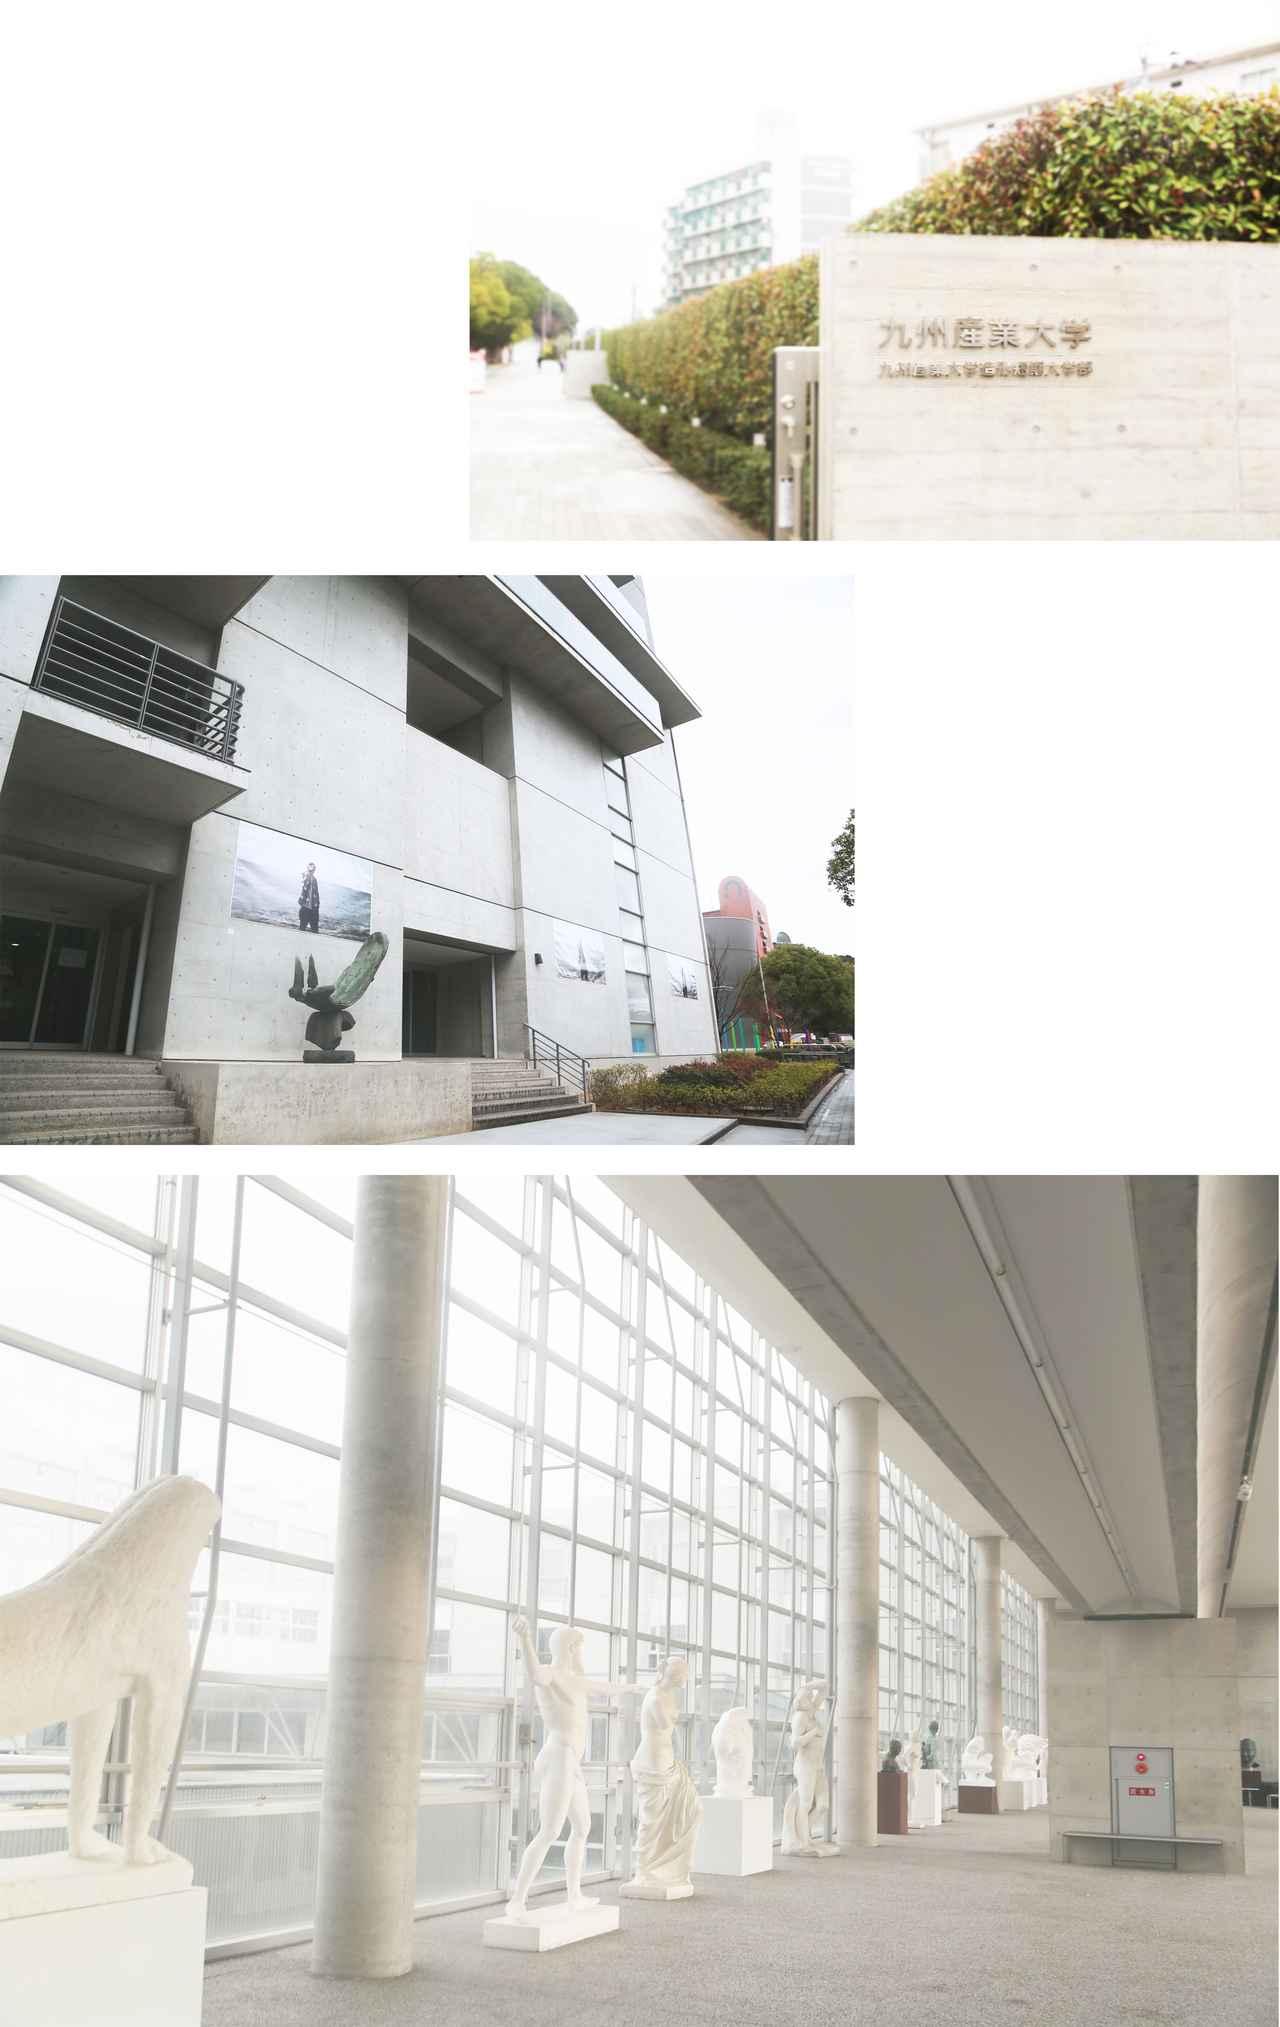 画像: まずは九州産業大学芸術学部を紹介しとこかね〜